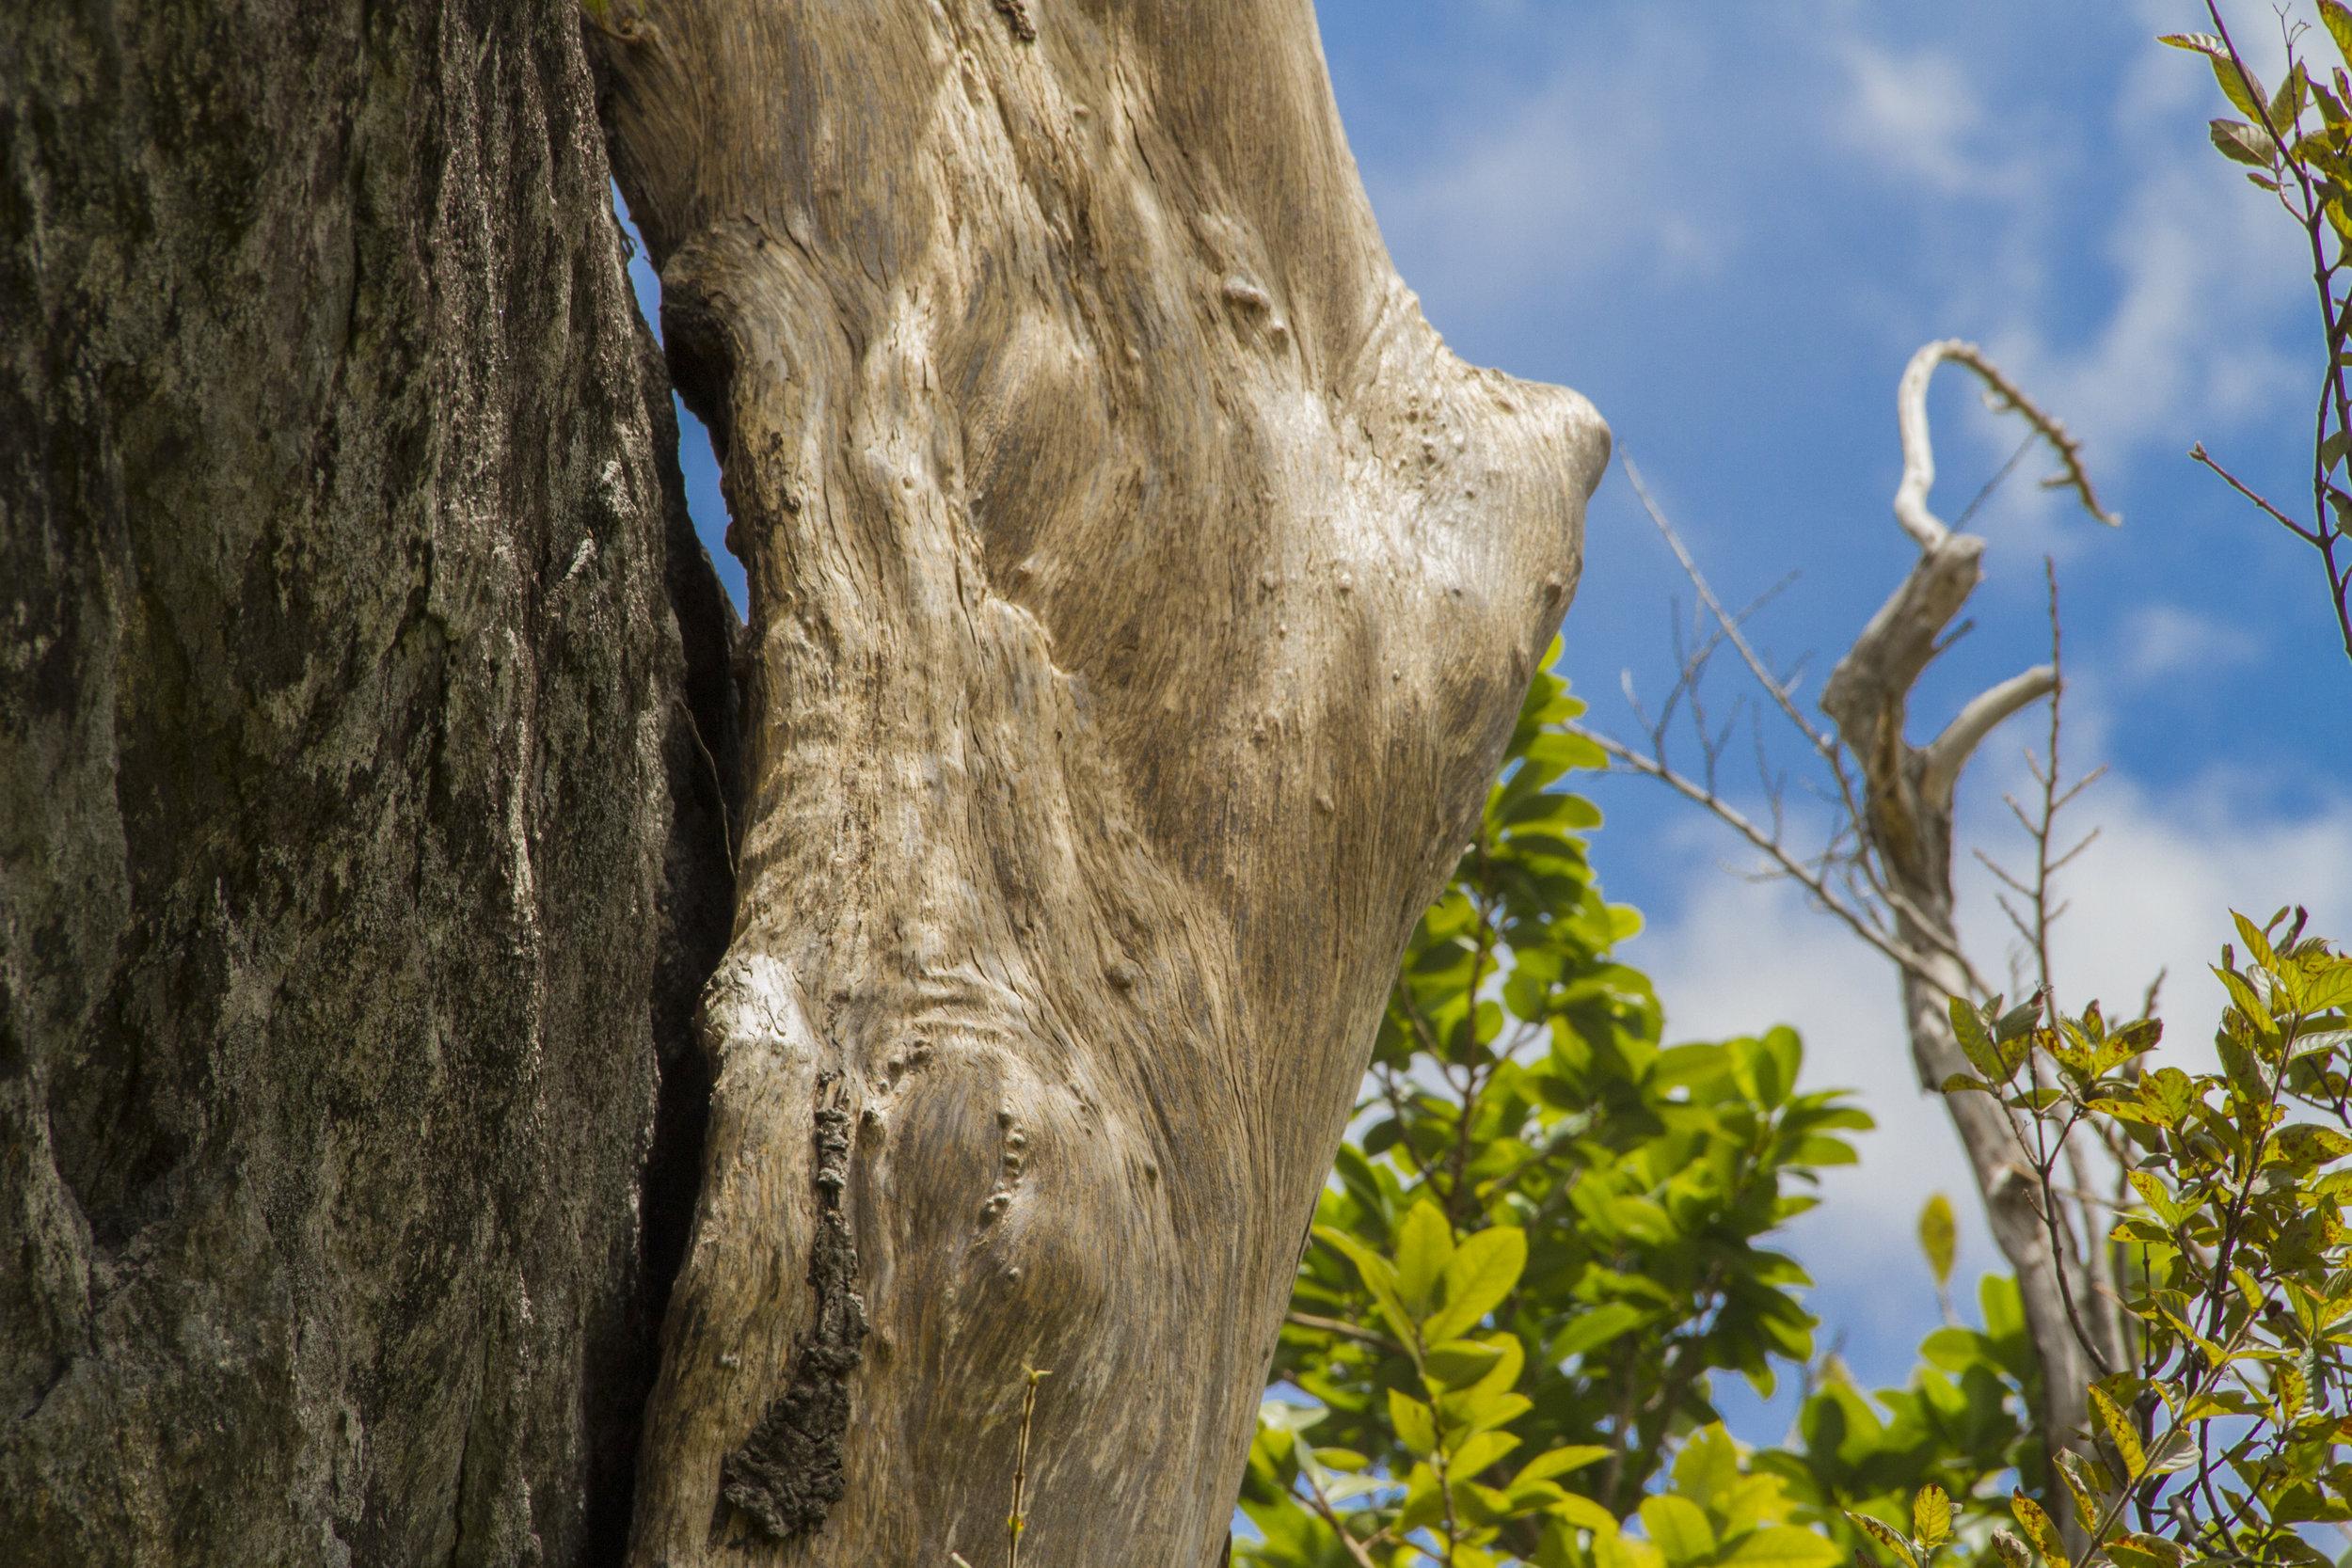 Guyana_sm-0126.jpg